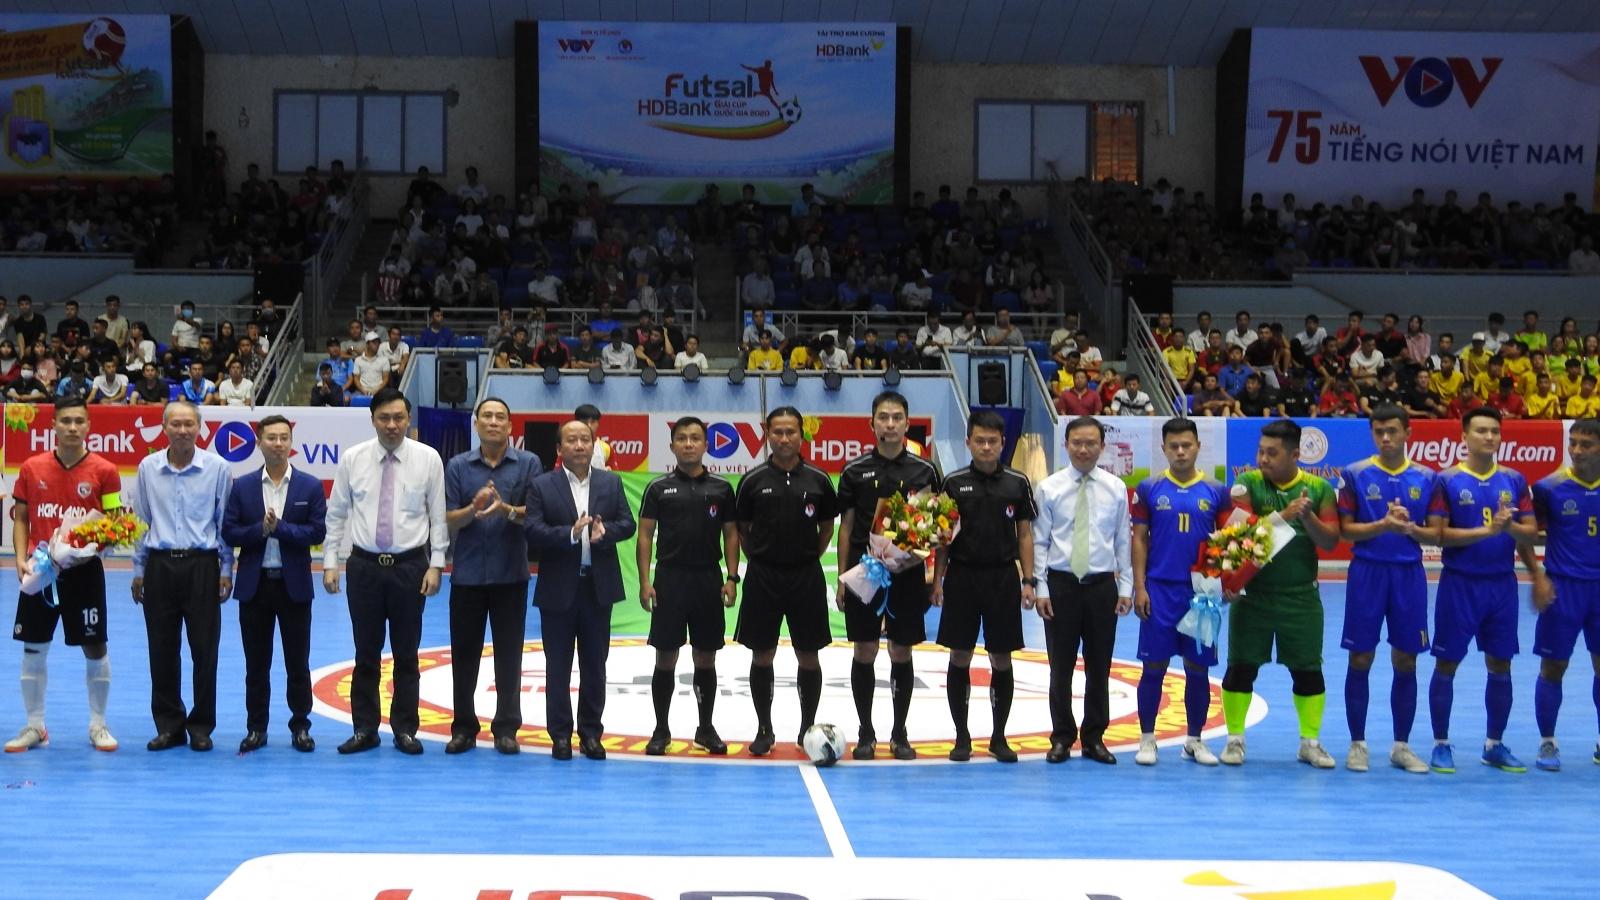 Khai mạc giải Futsal HDbank Cúp quốc gia 2020 tại Đắk Lắk